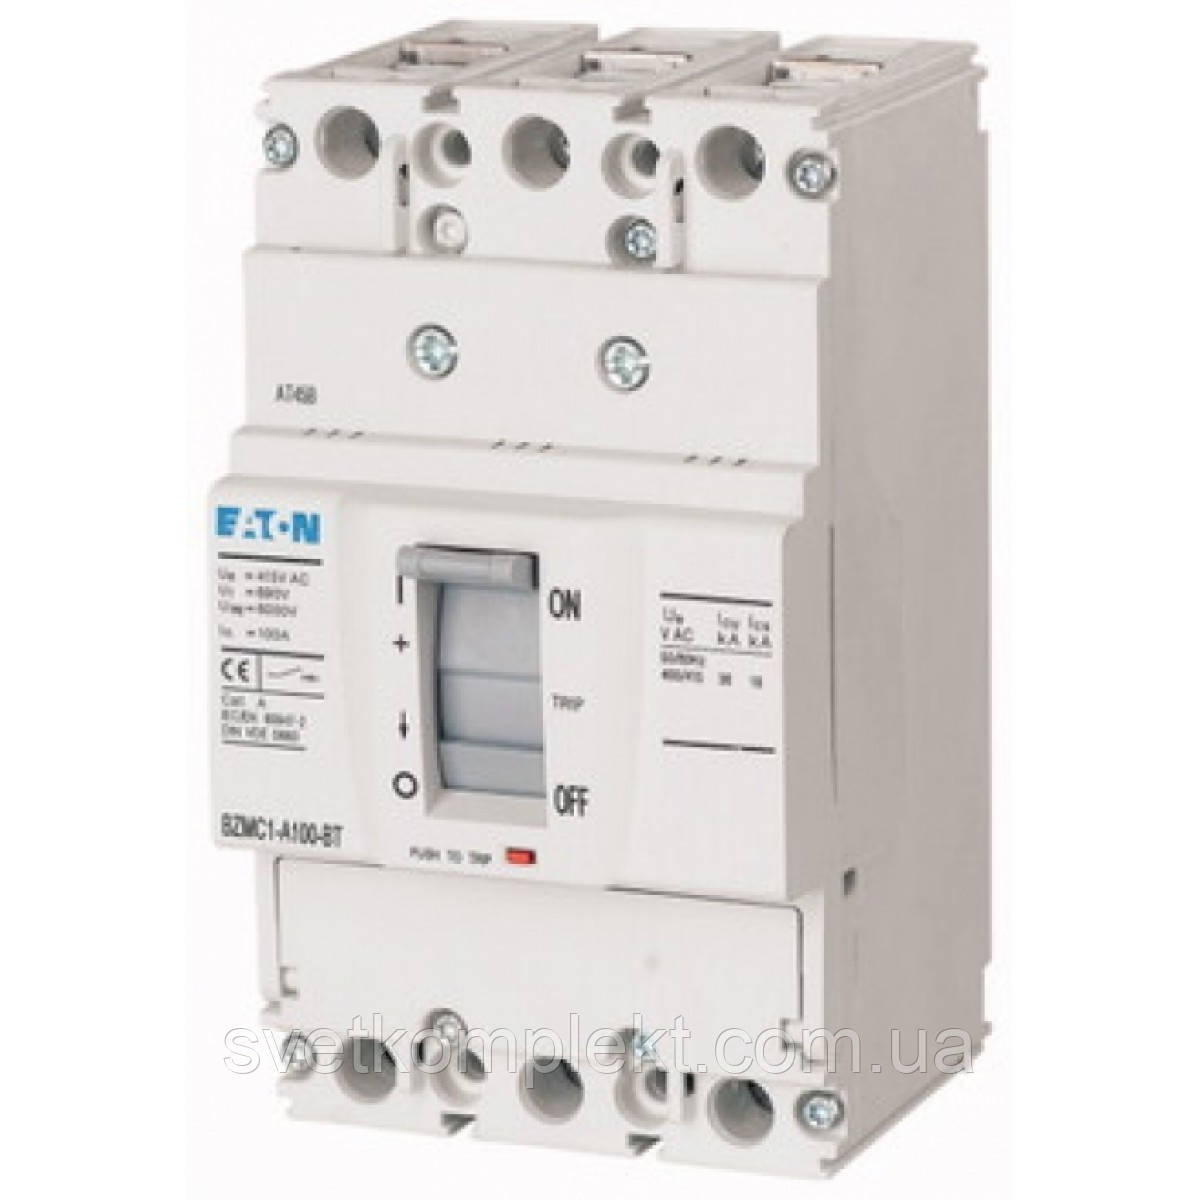 Вимикач автоматичний BZMB1-A100 (100А 25кА) Eaton (109732)